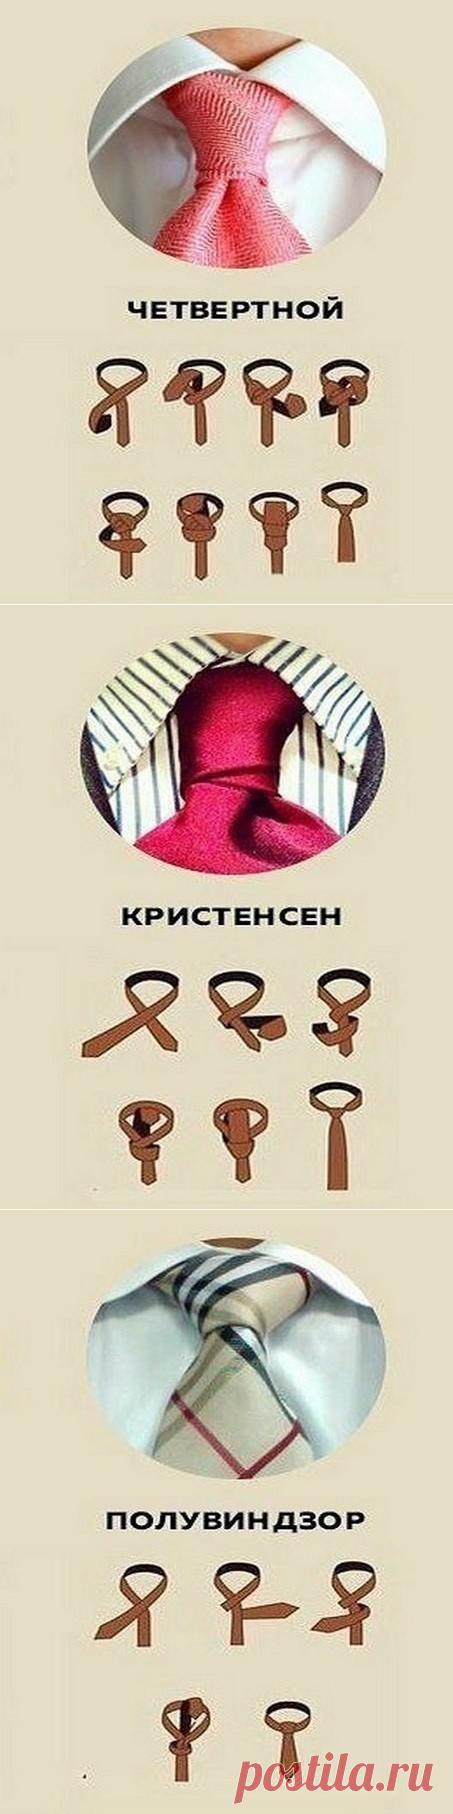 Показываем, как можно завязать галстук, если вы вдруг ещё не умеете или вам надоел простой галстучный узел.